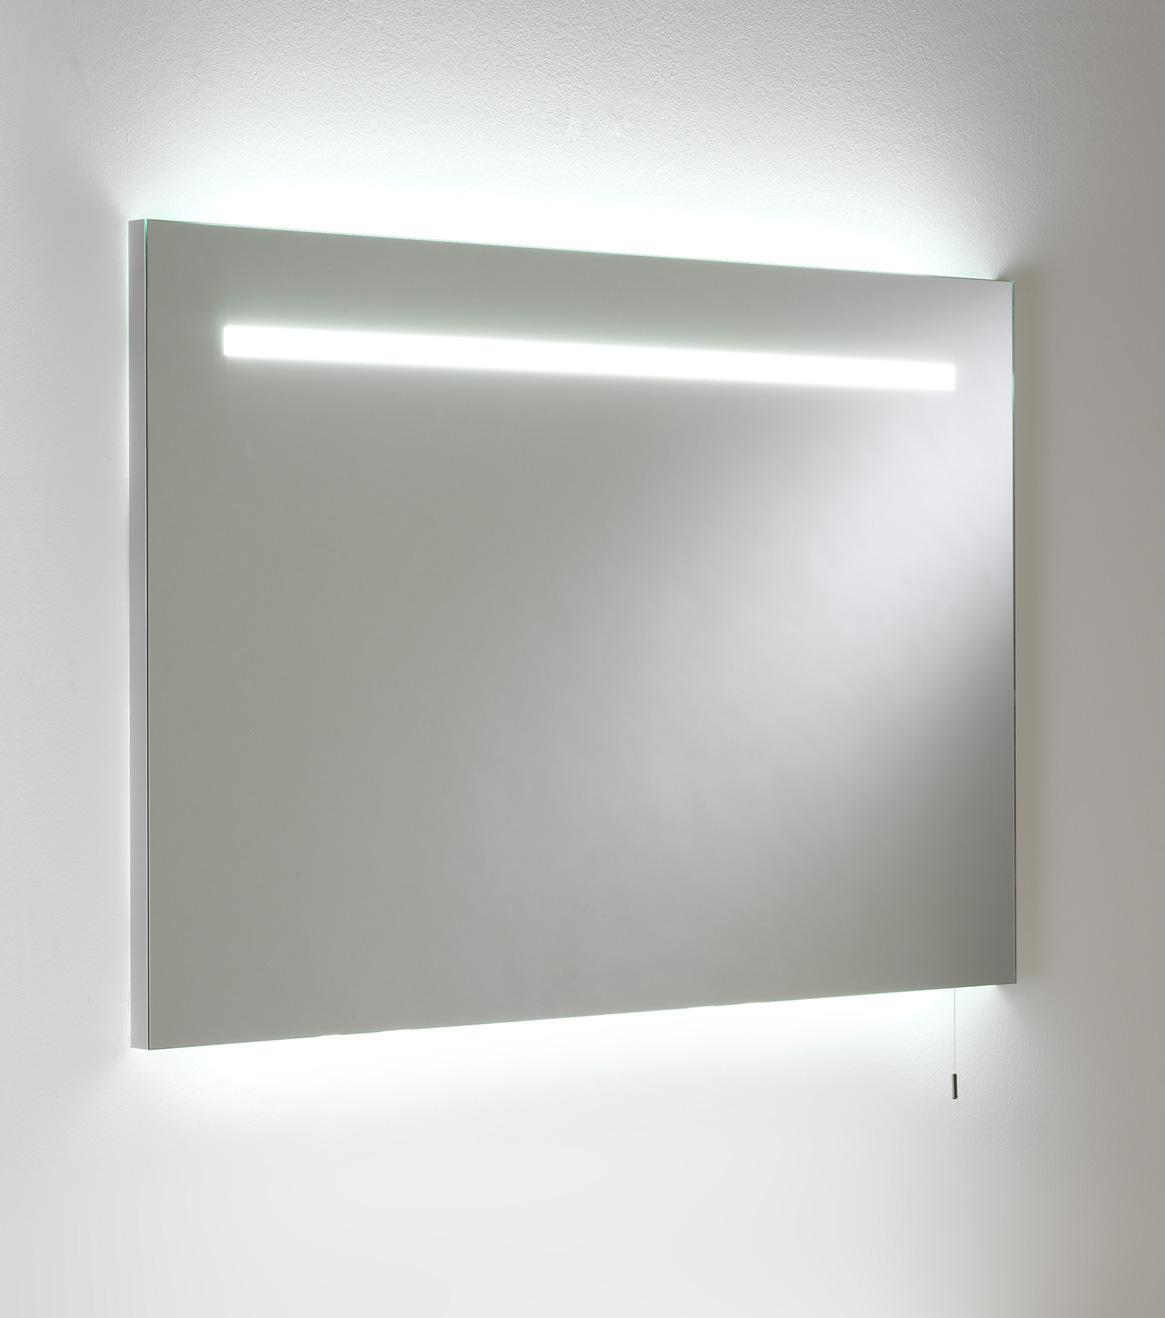 FLAIR 900 specchio illuminato